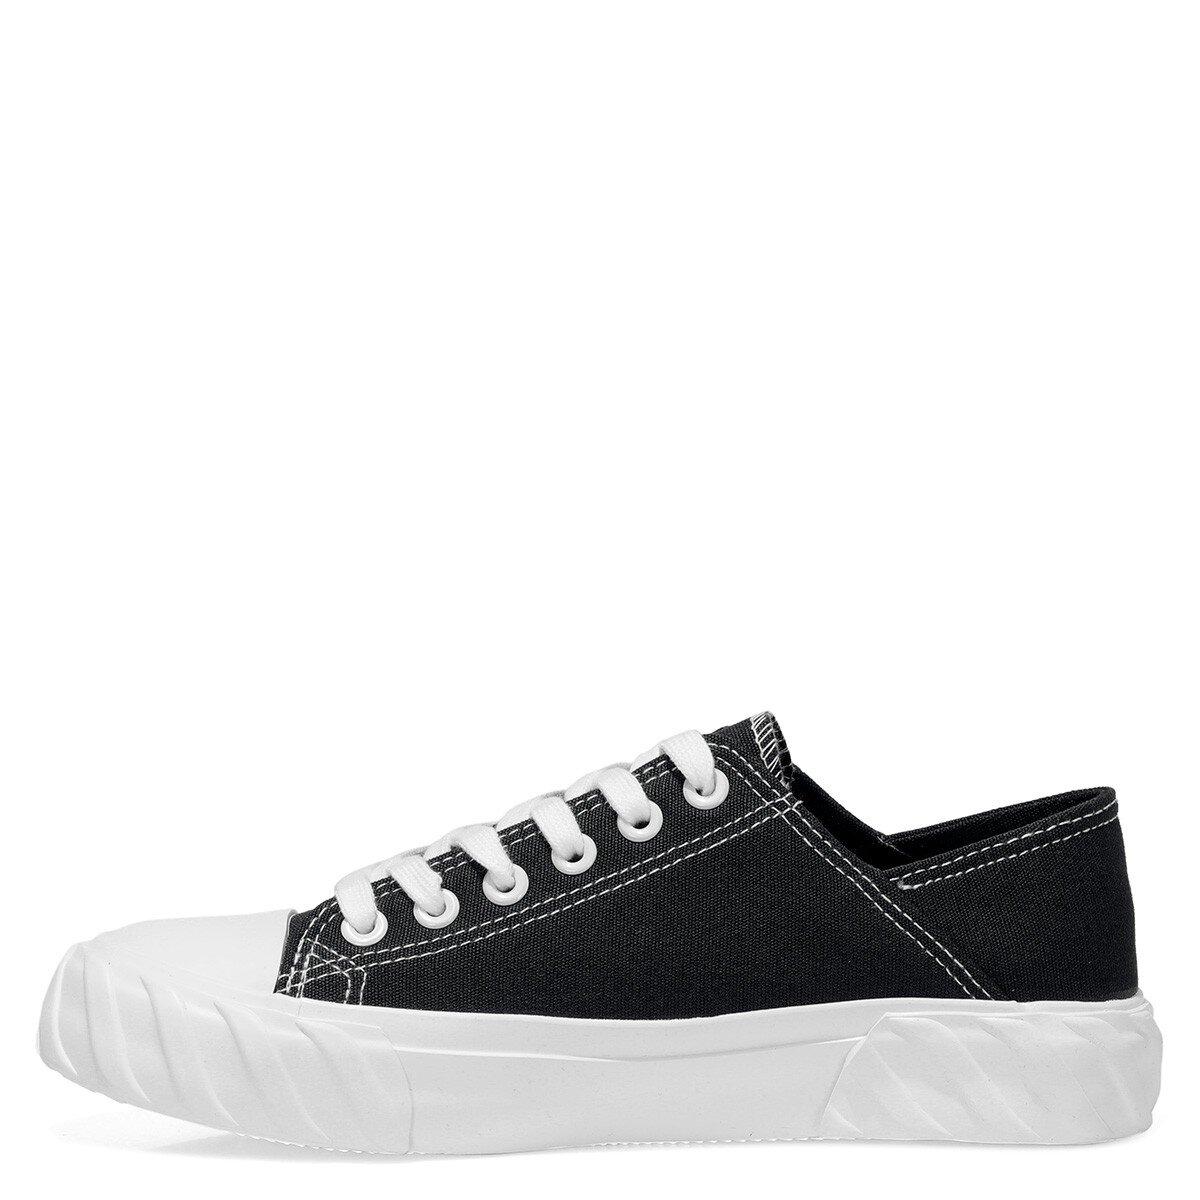 CONNY 1FX Siyah Kadın Spor Ayakkabı